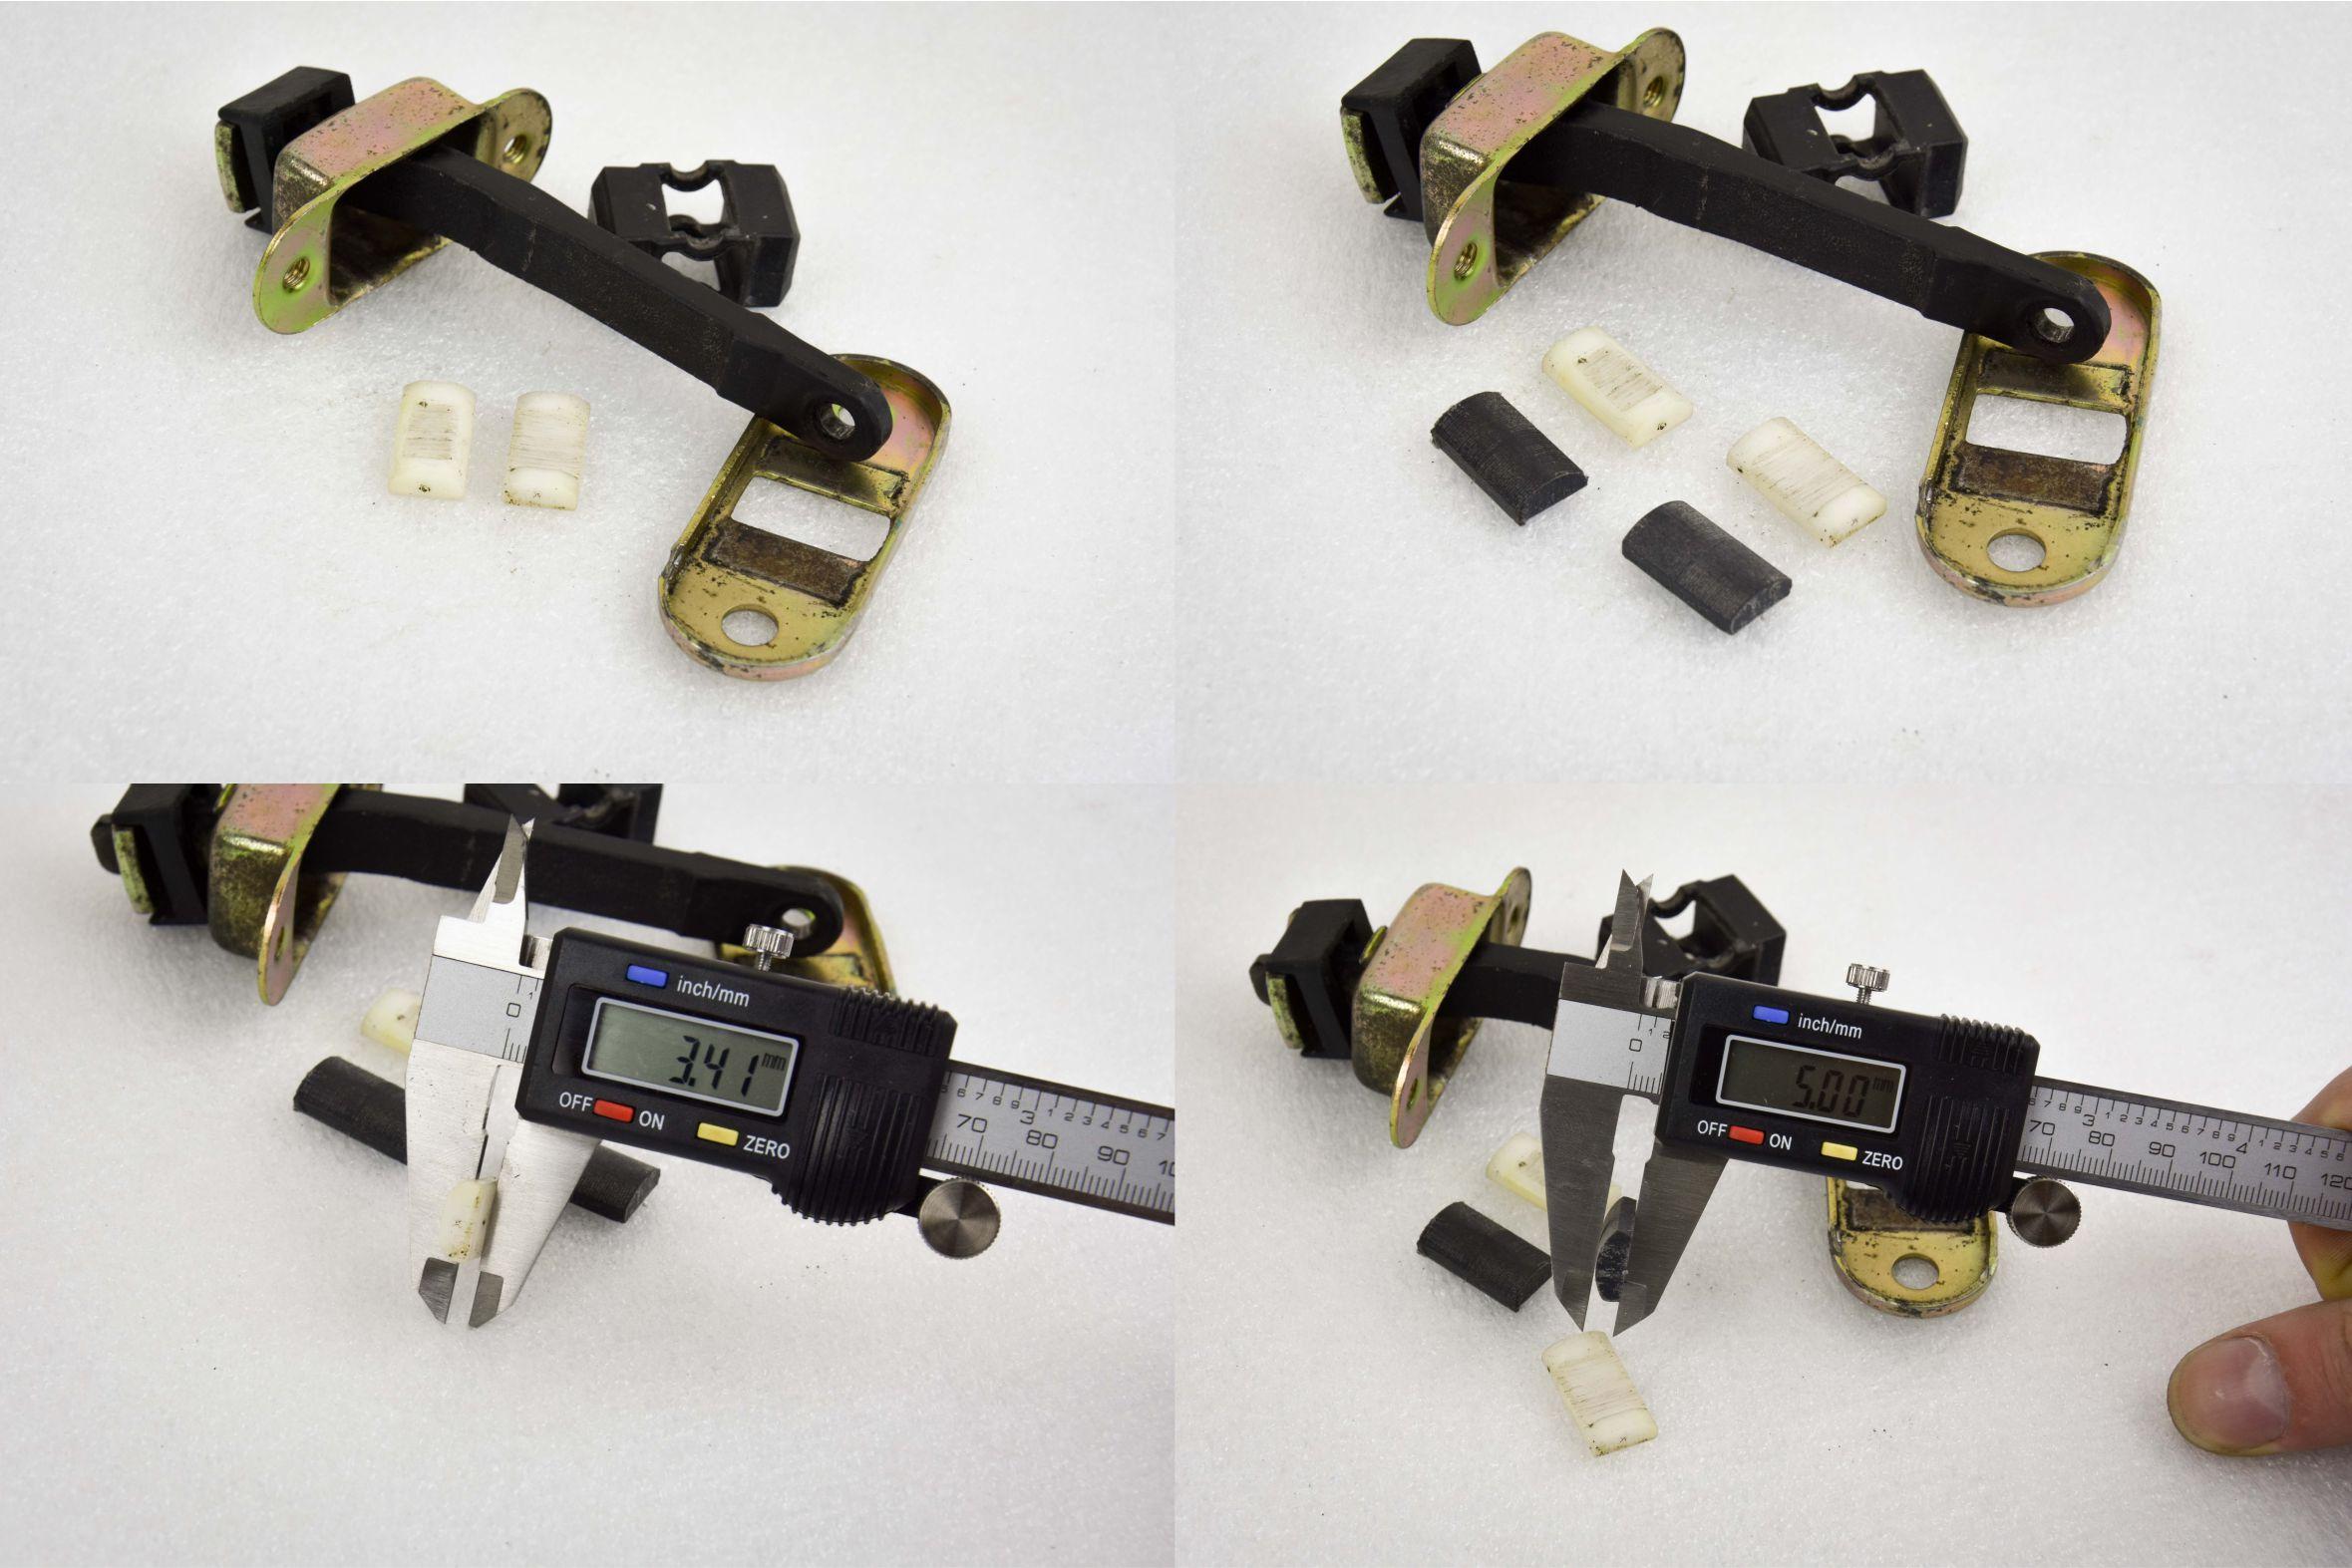 Ограничитель Mitsubishi. Толщина фиксатора у детали с авторазбора 3,41 мм, у ремкомплекта от Plastic Auto — 5 мм.